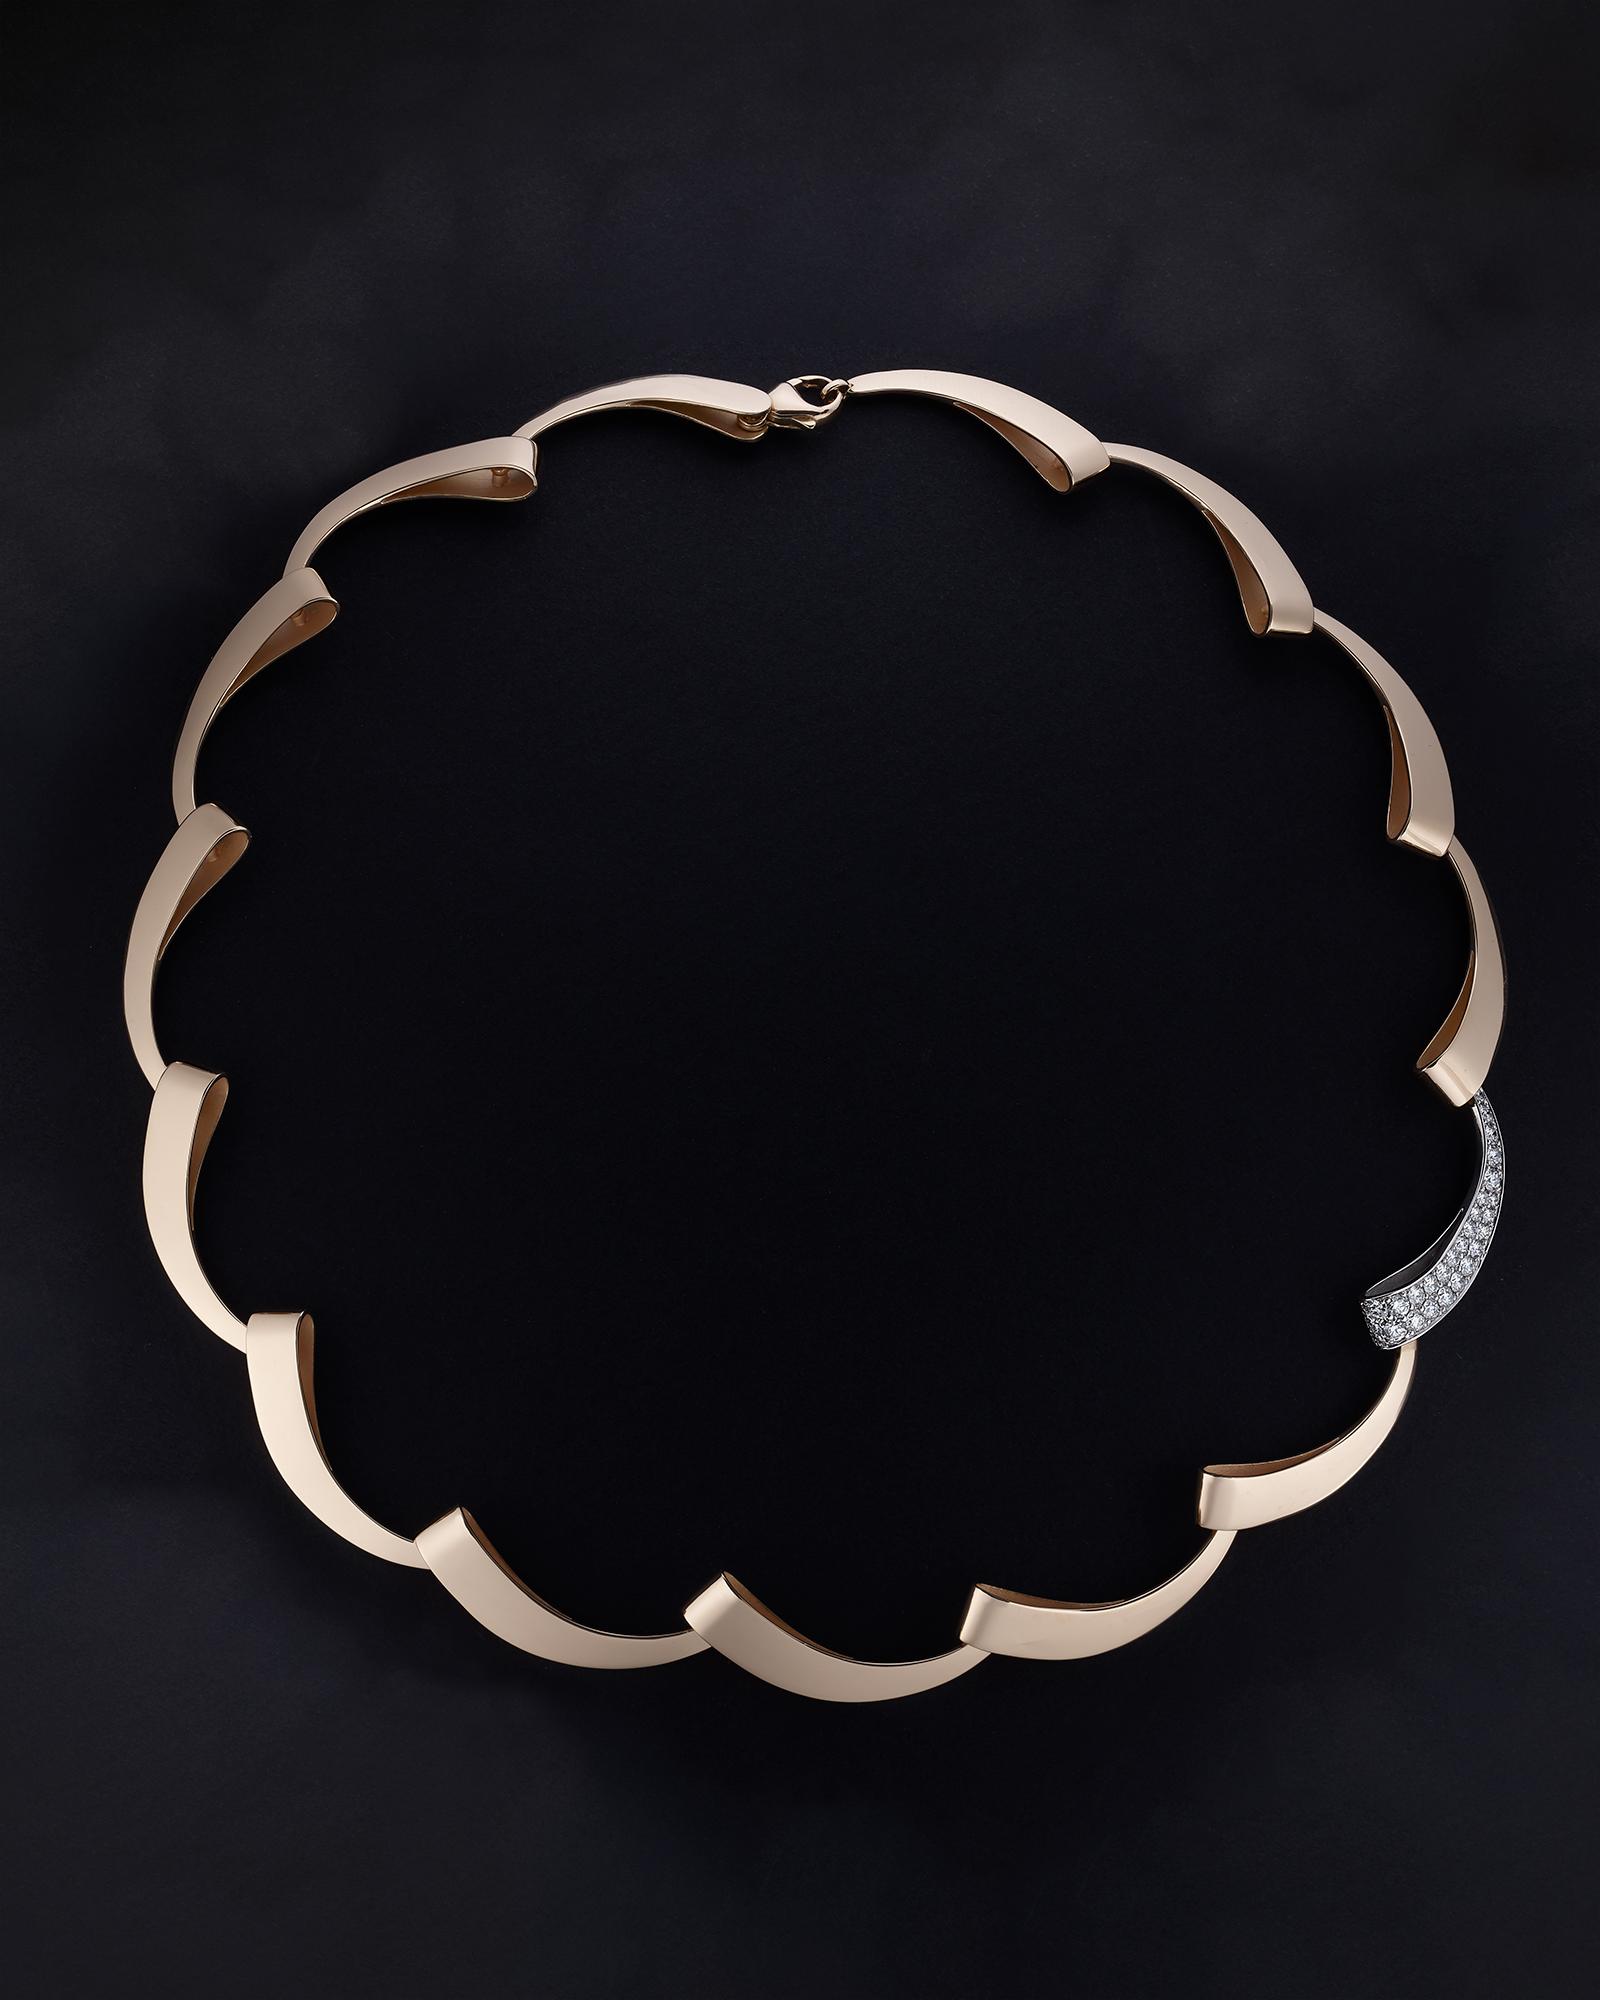 collier or photographié sur un fond noir